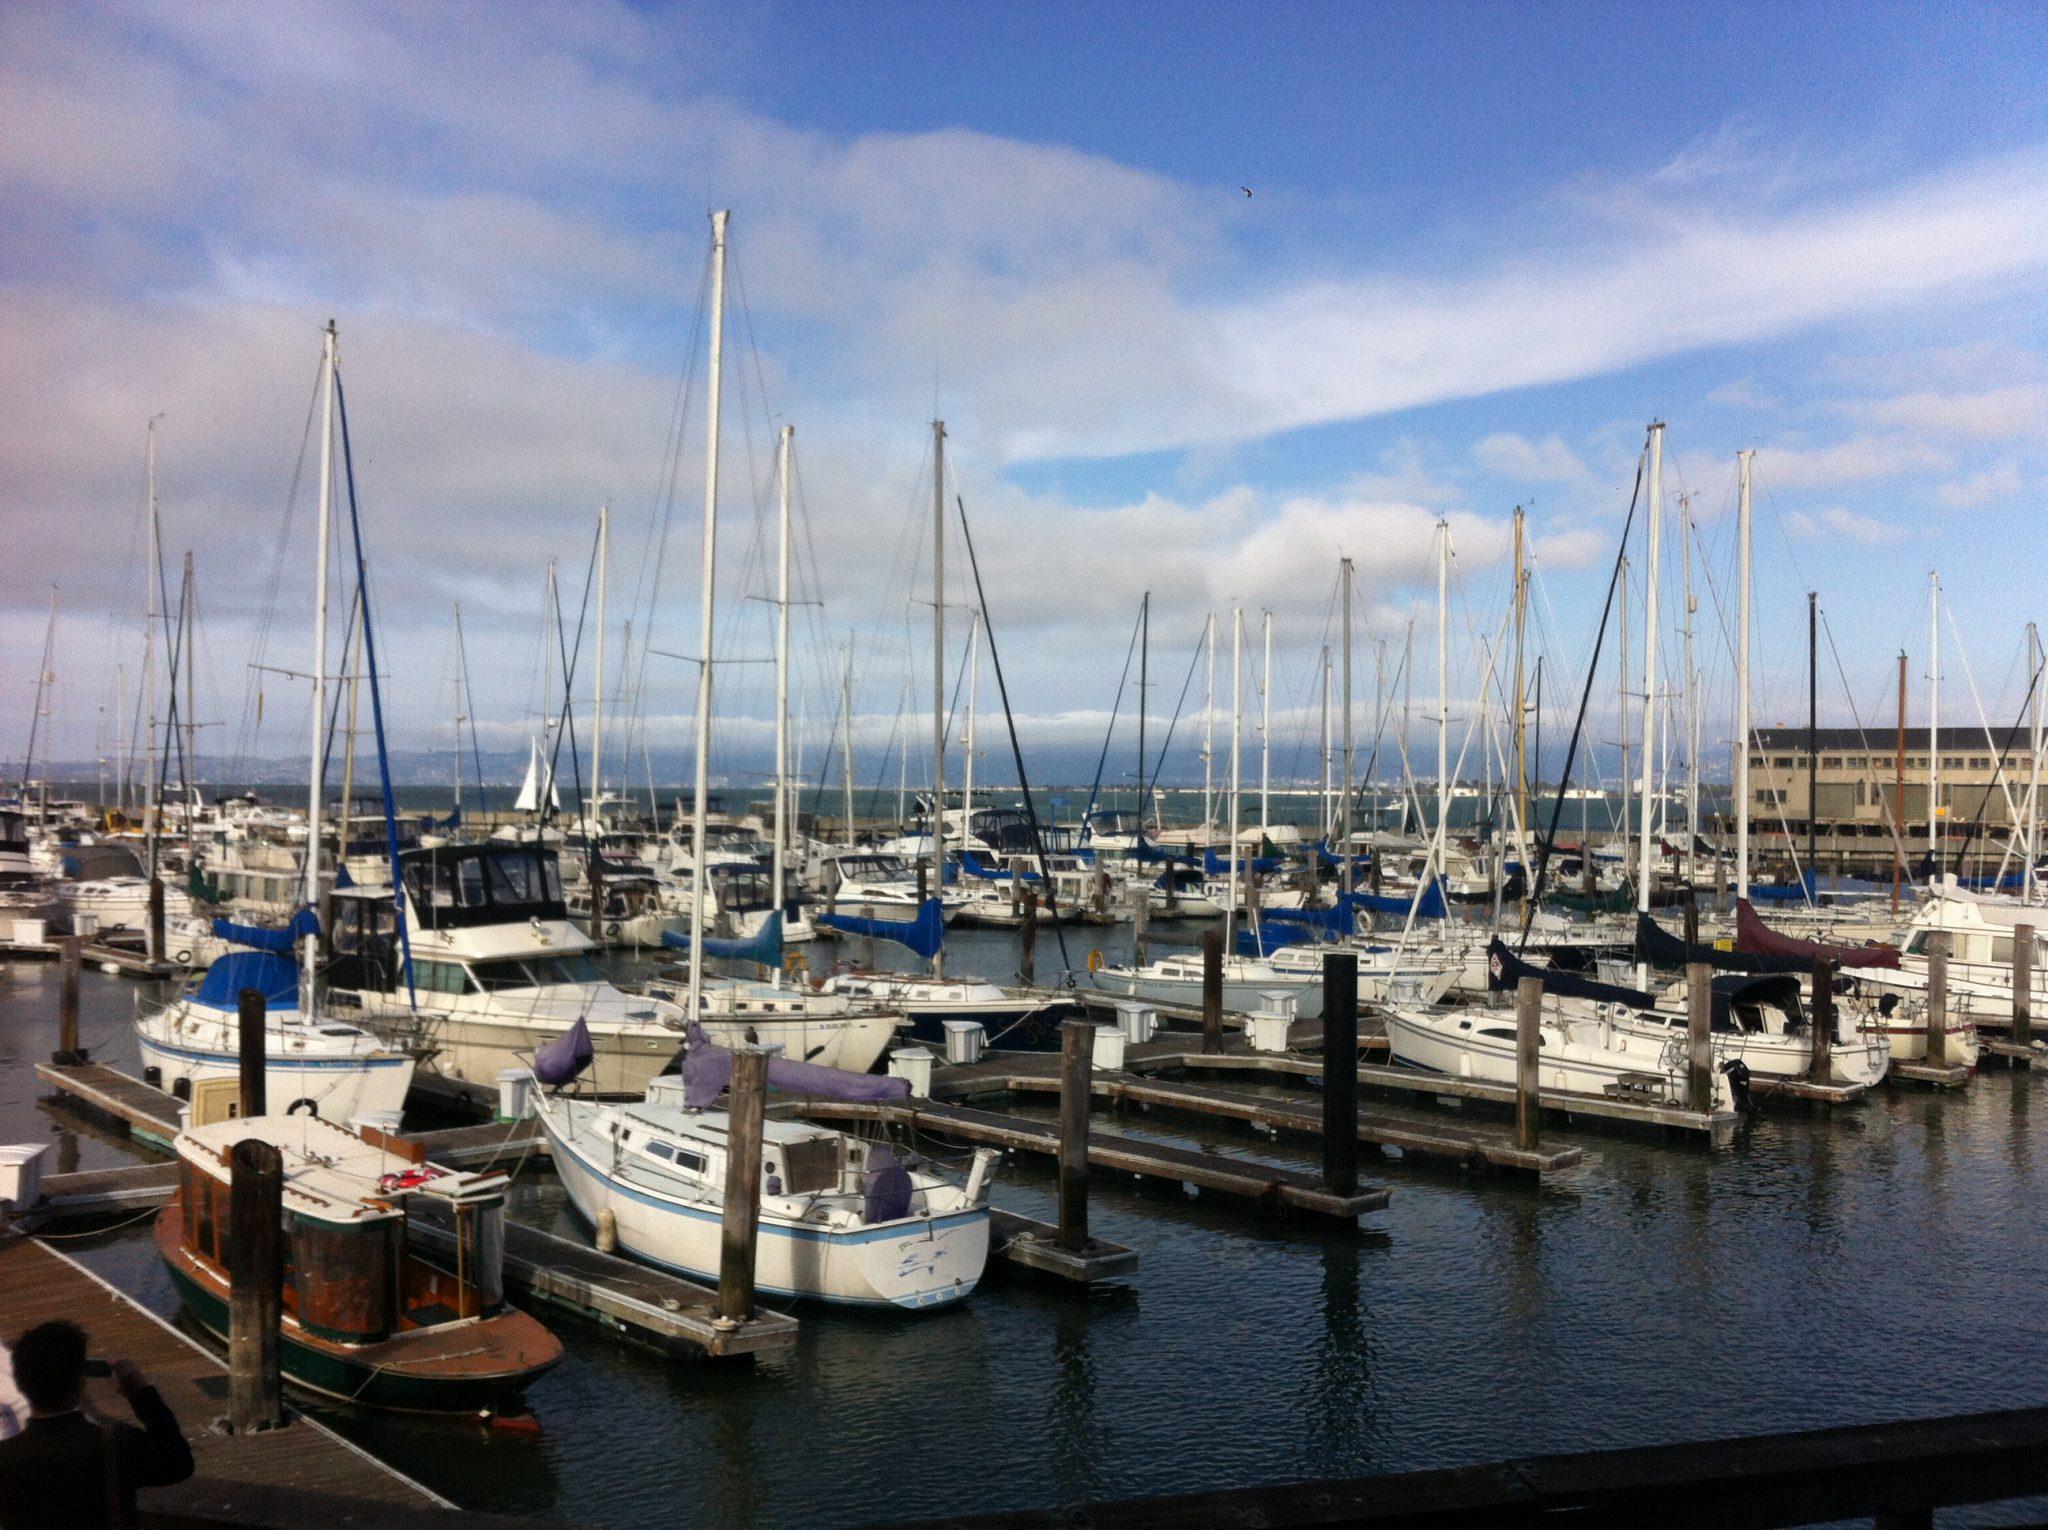 Waterfront view San Francisco